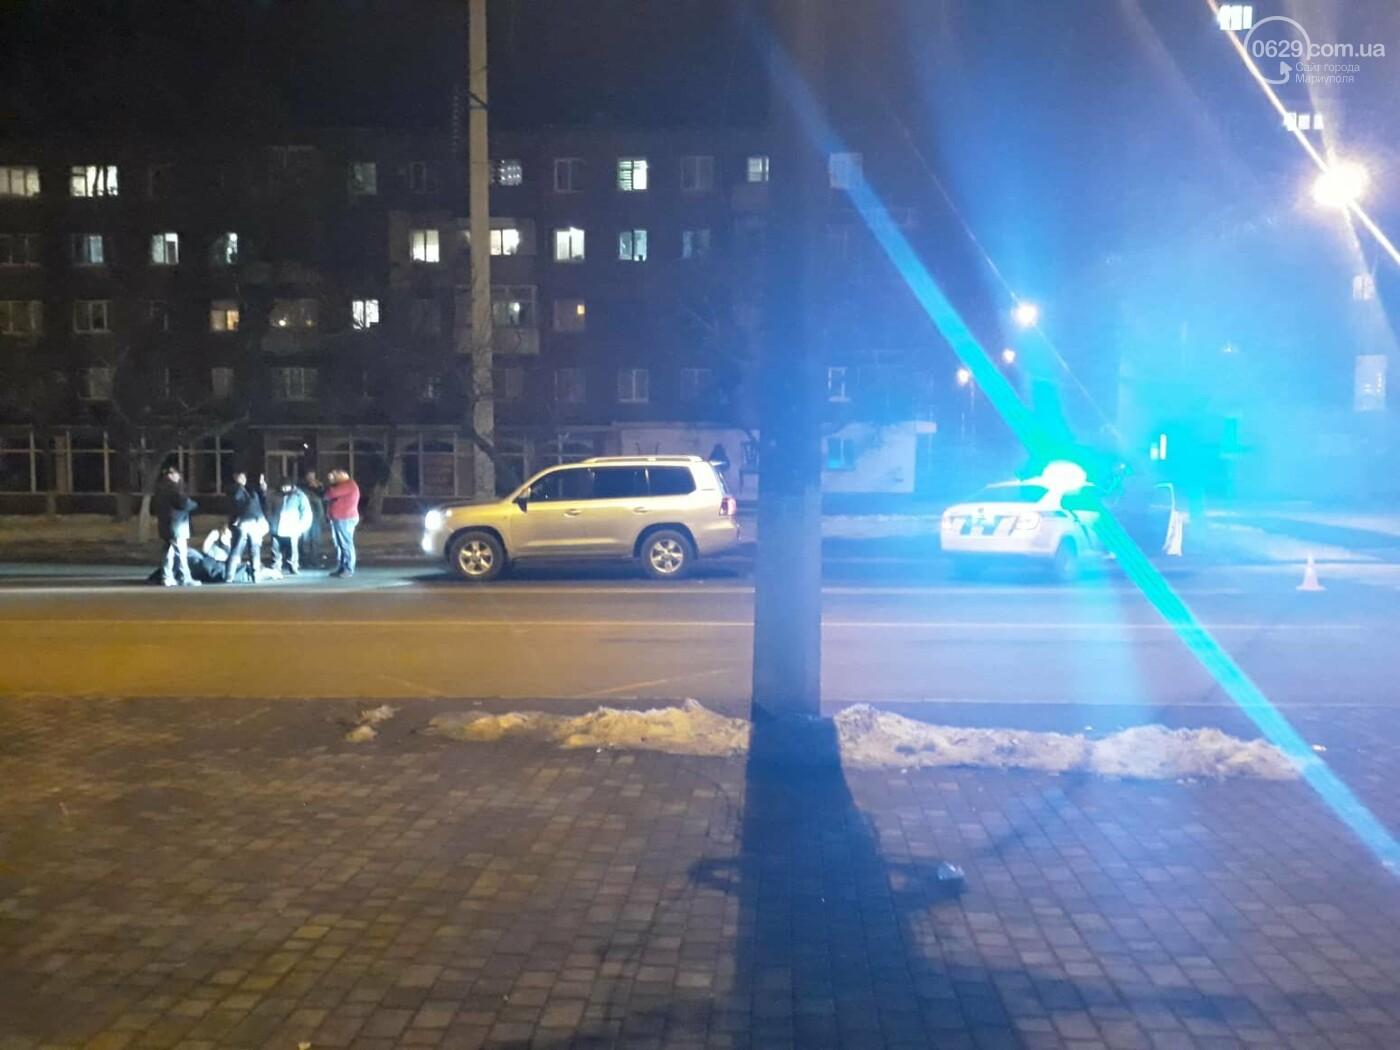 В Мариуполе внедорожник сбил женщину, - ФОТО, ВИДЕО, фото-1